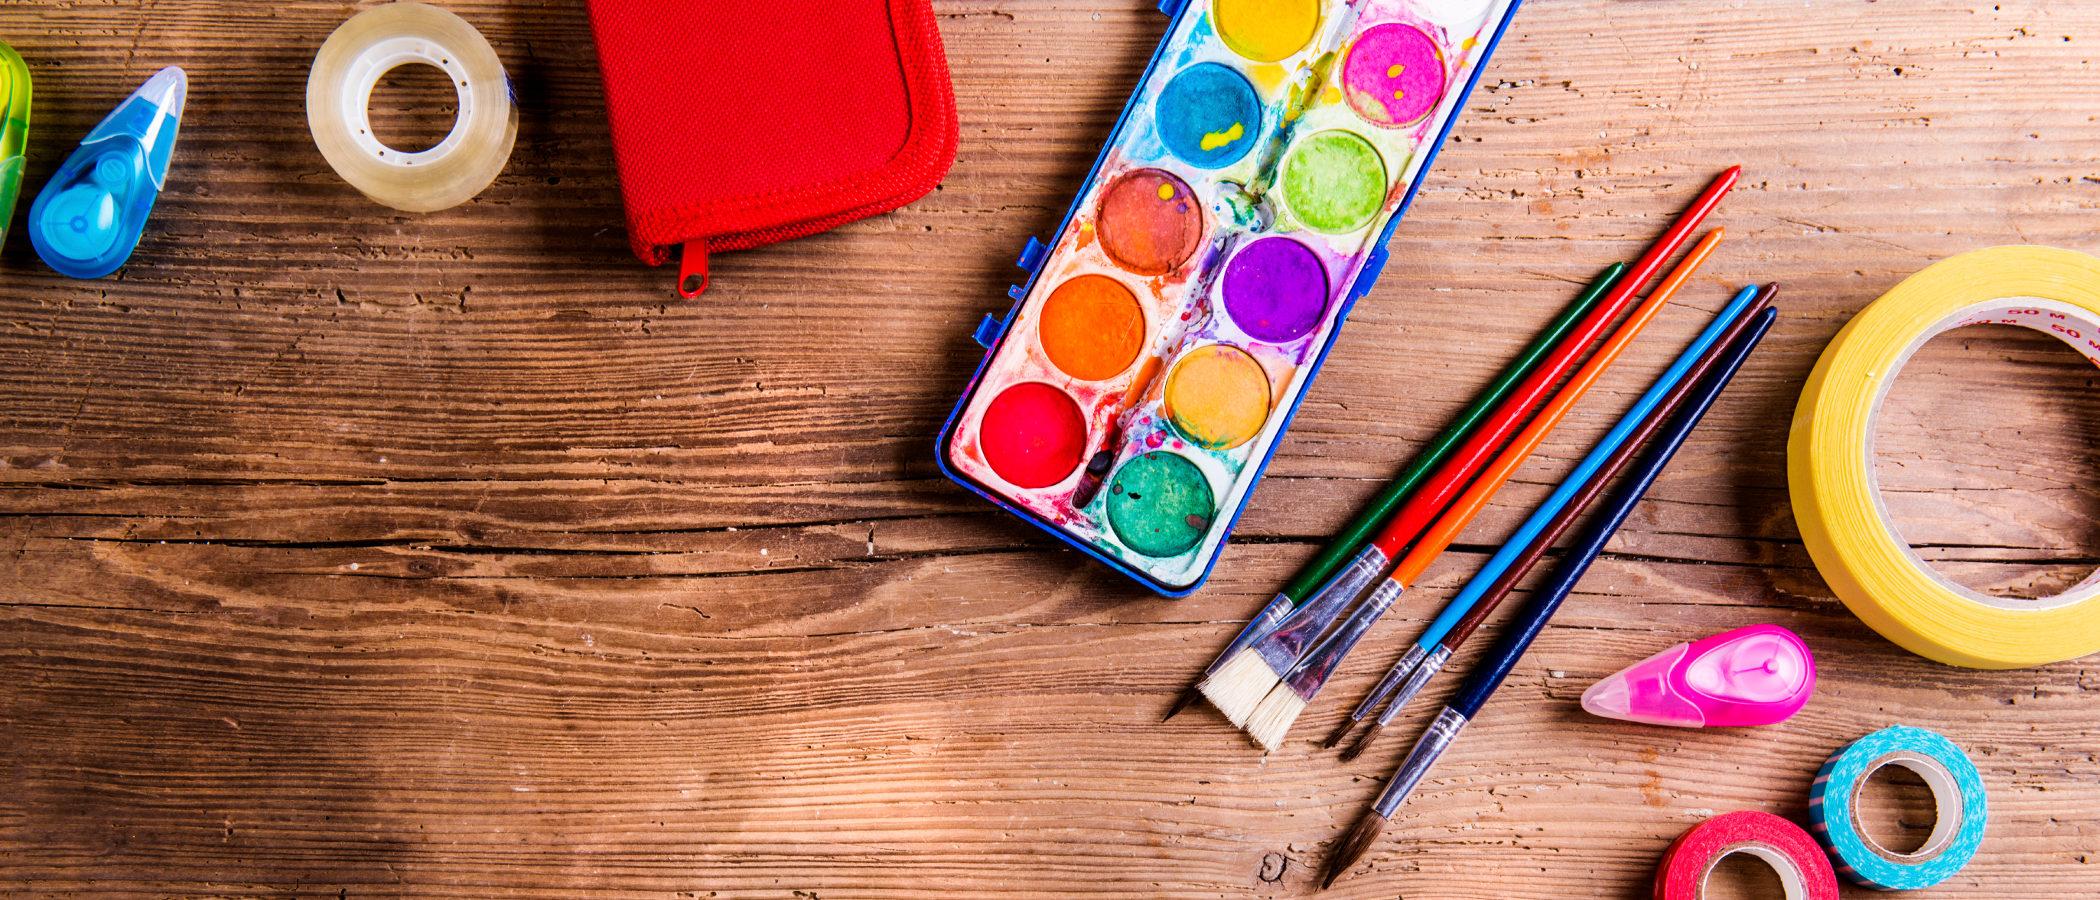 14 ideas de regalos hechos a mano para nuestros hijos